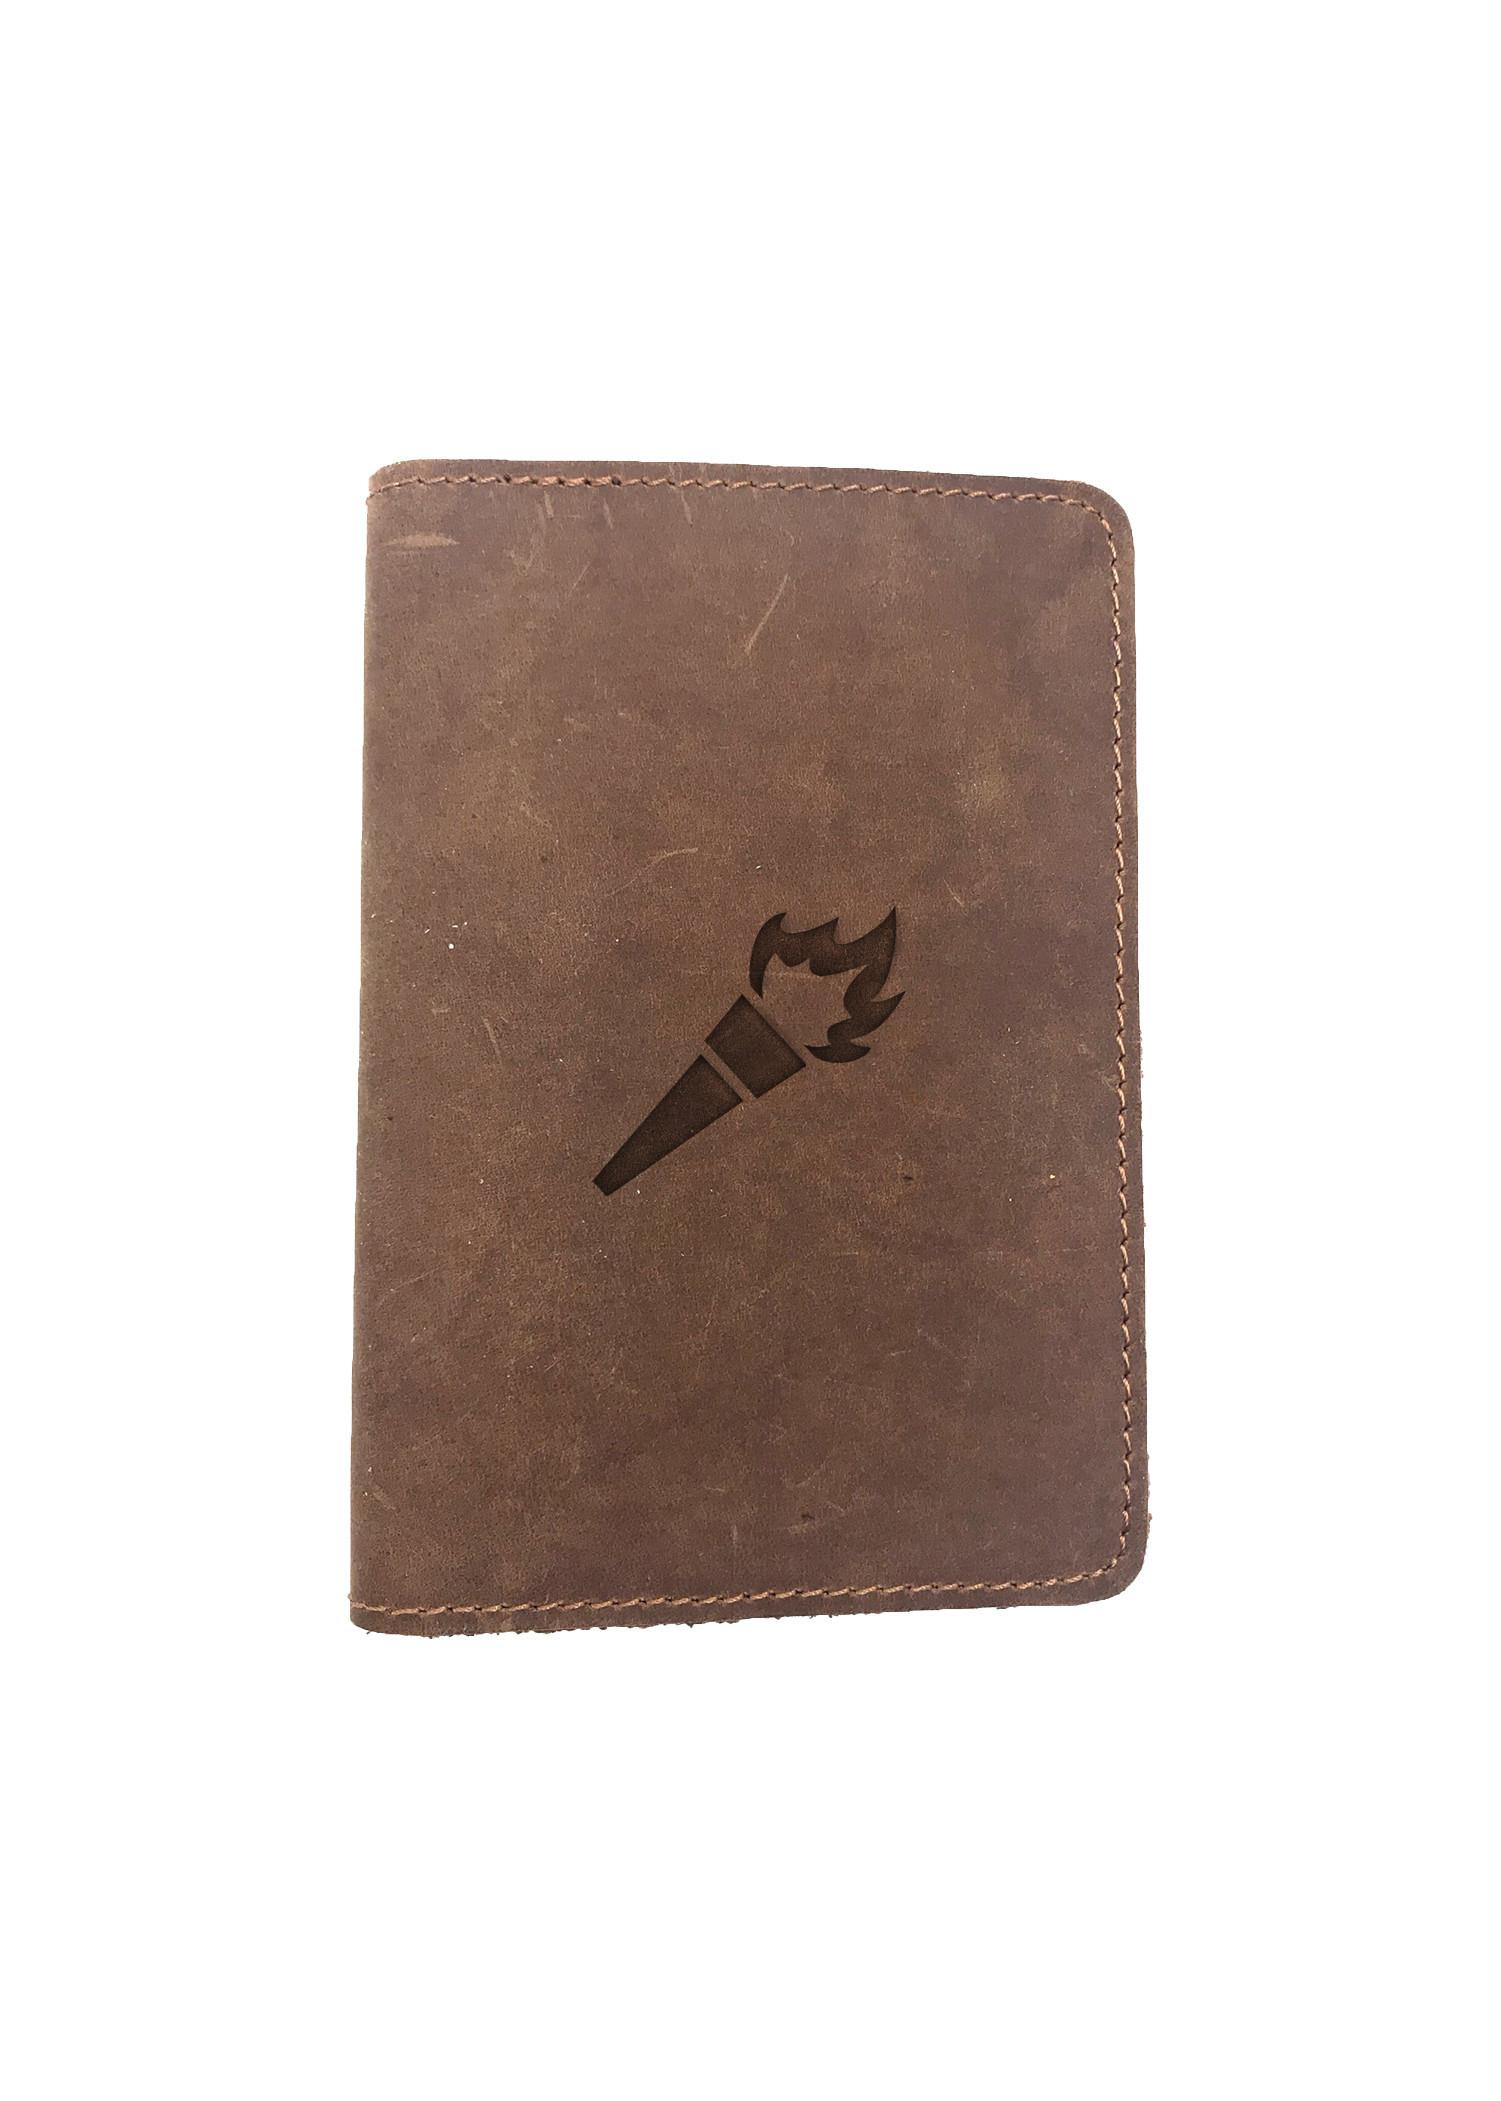 Passport Cover Bao Da Hộ Chiếu Da Sáp Khắc Hình Ngọn đuốc TORCH ICON SYMBOL (BROWN)